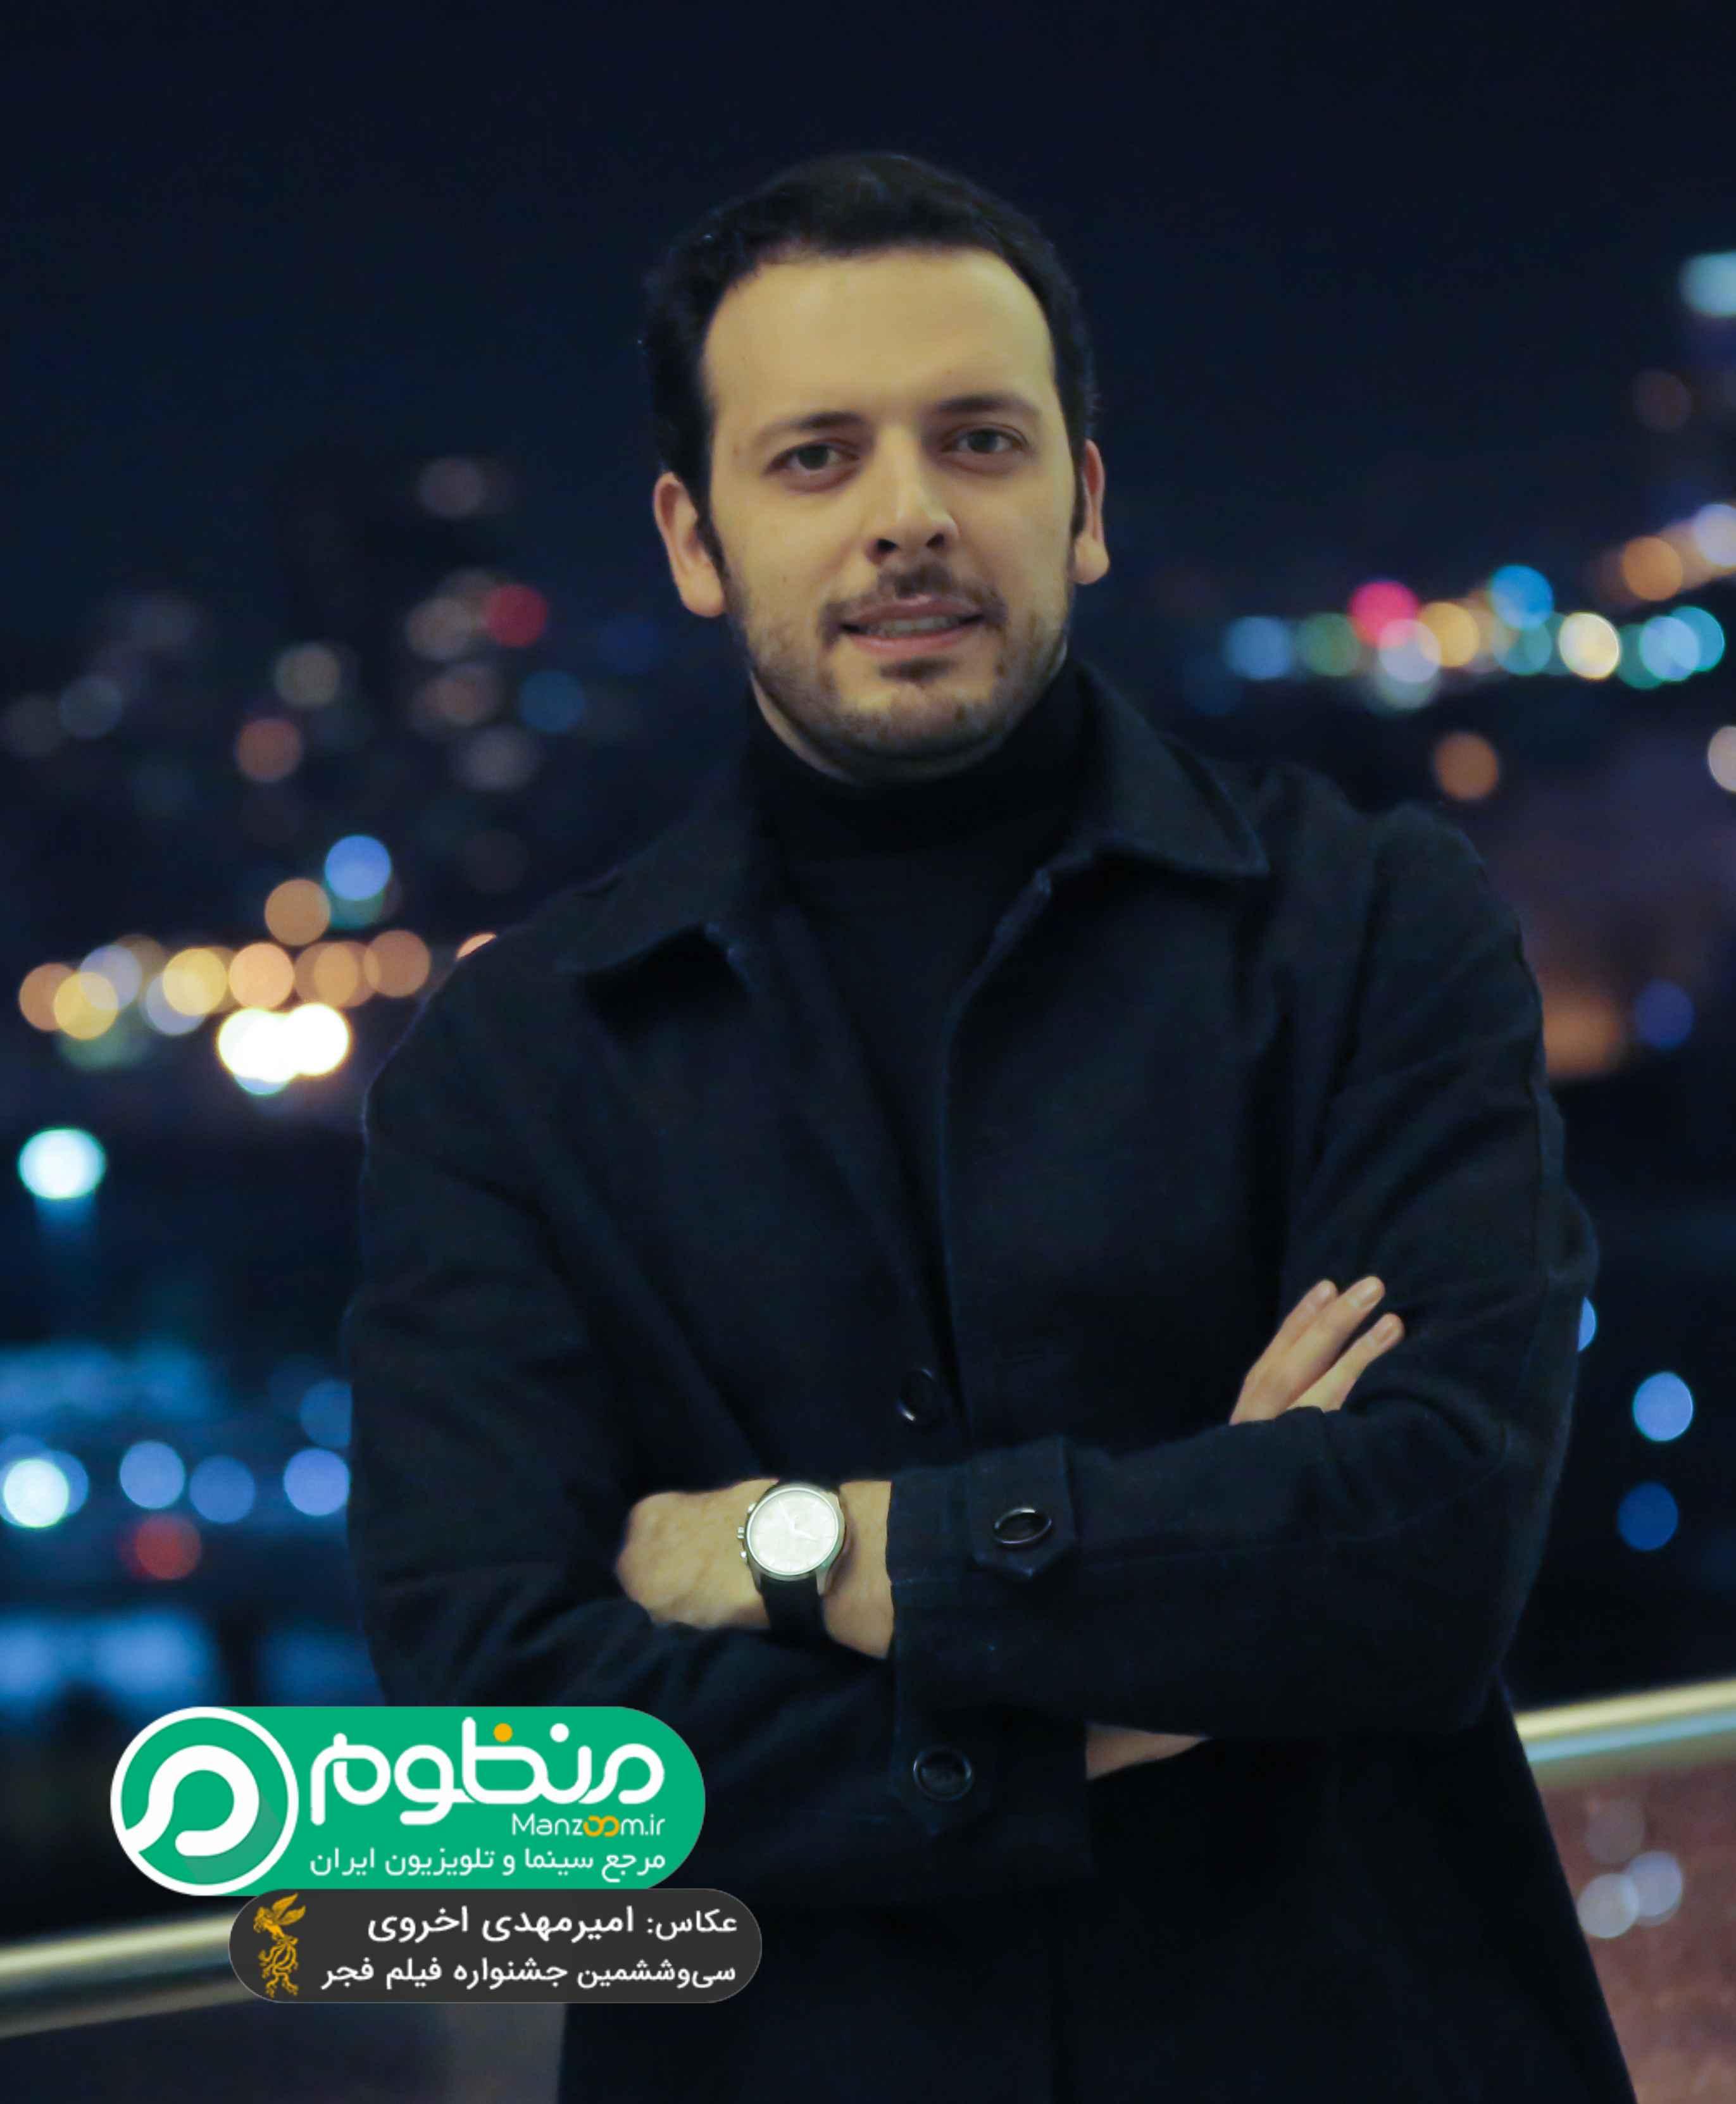 پدرام شریفی، بازیگر سینما و تلویزیون - عکس جشنواره